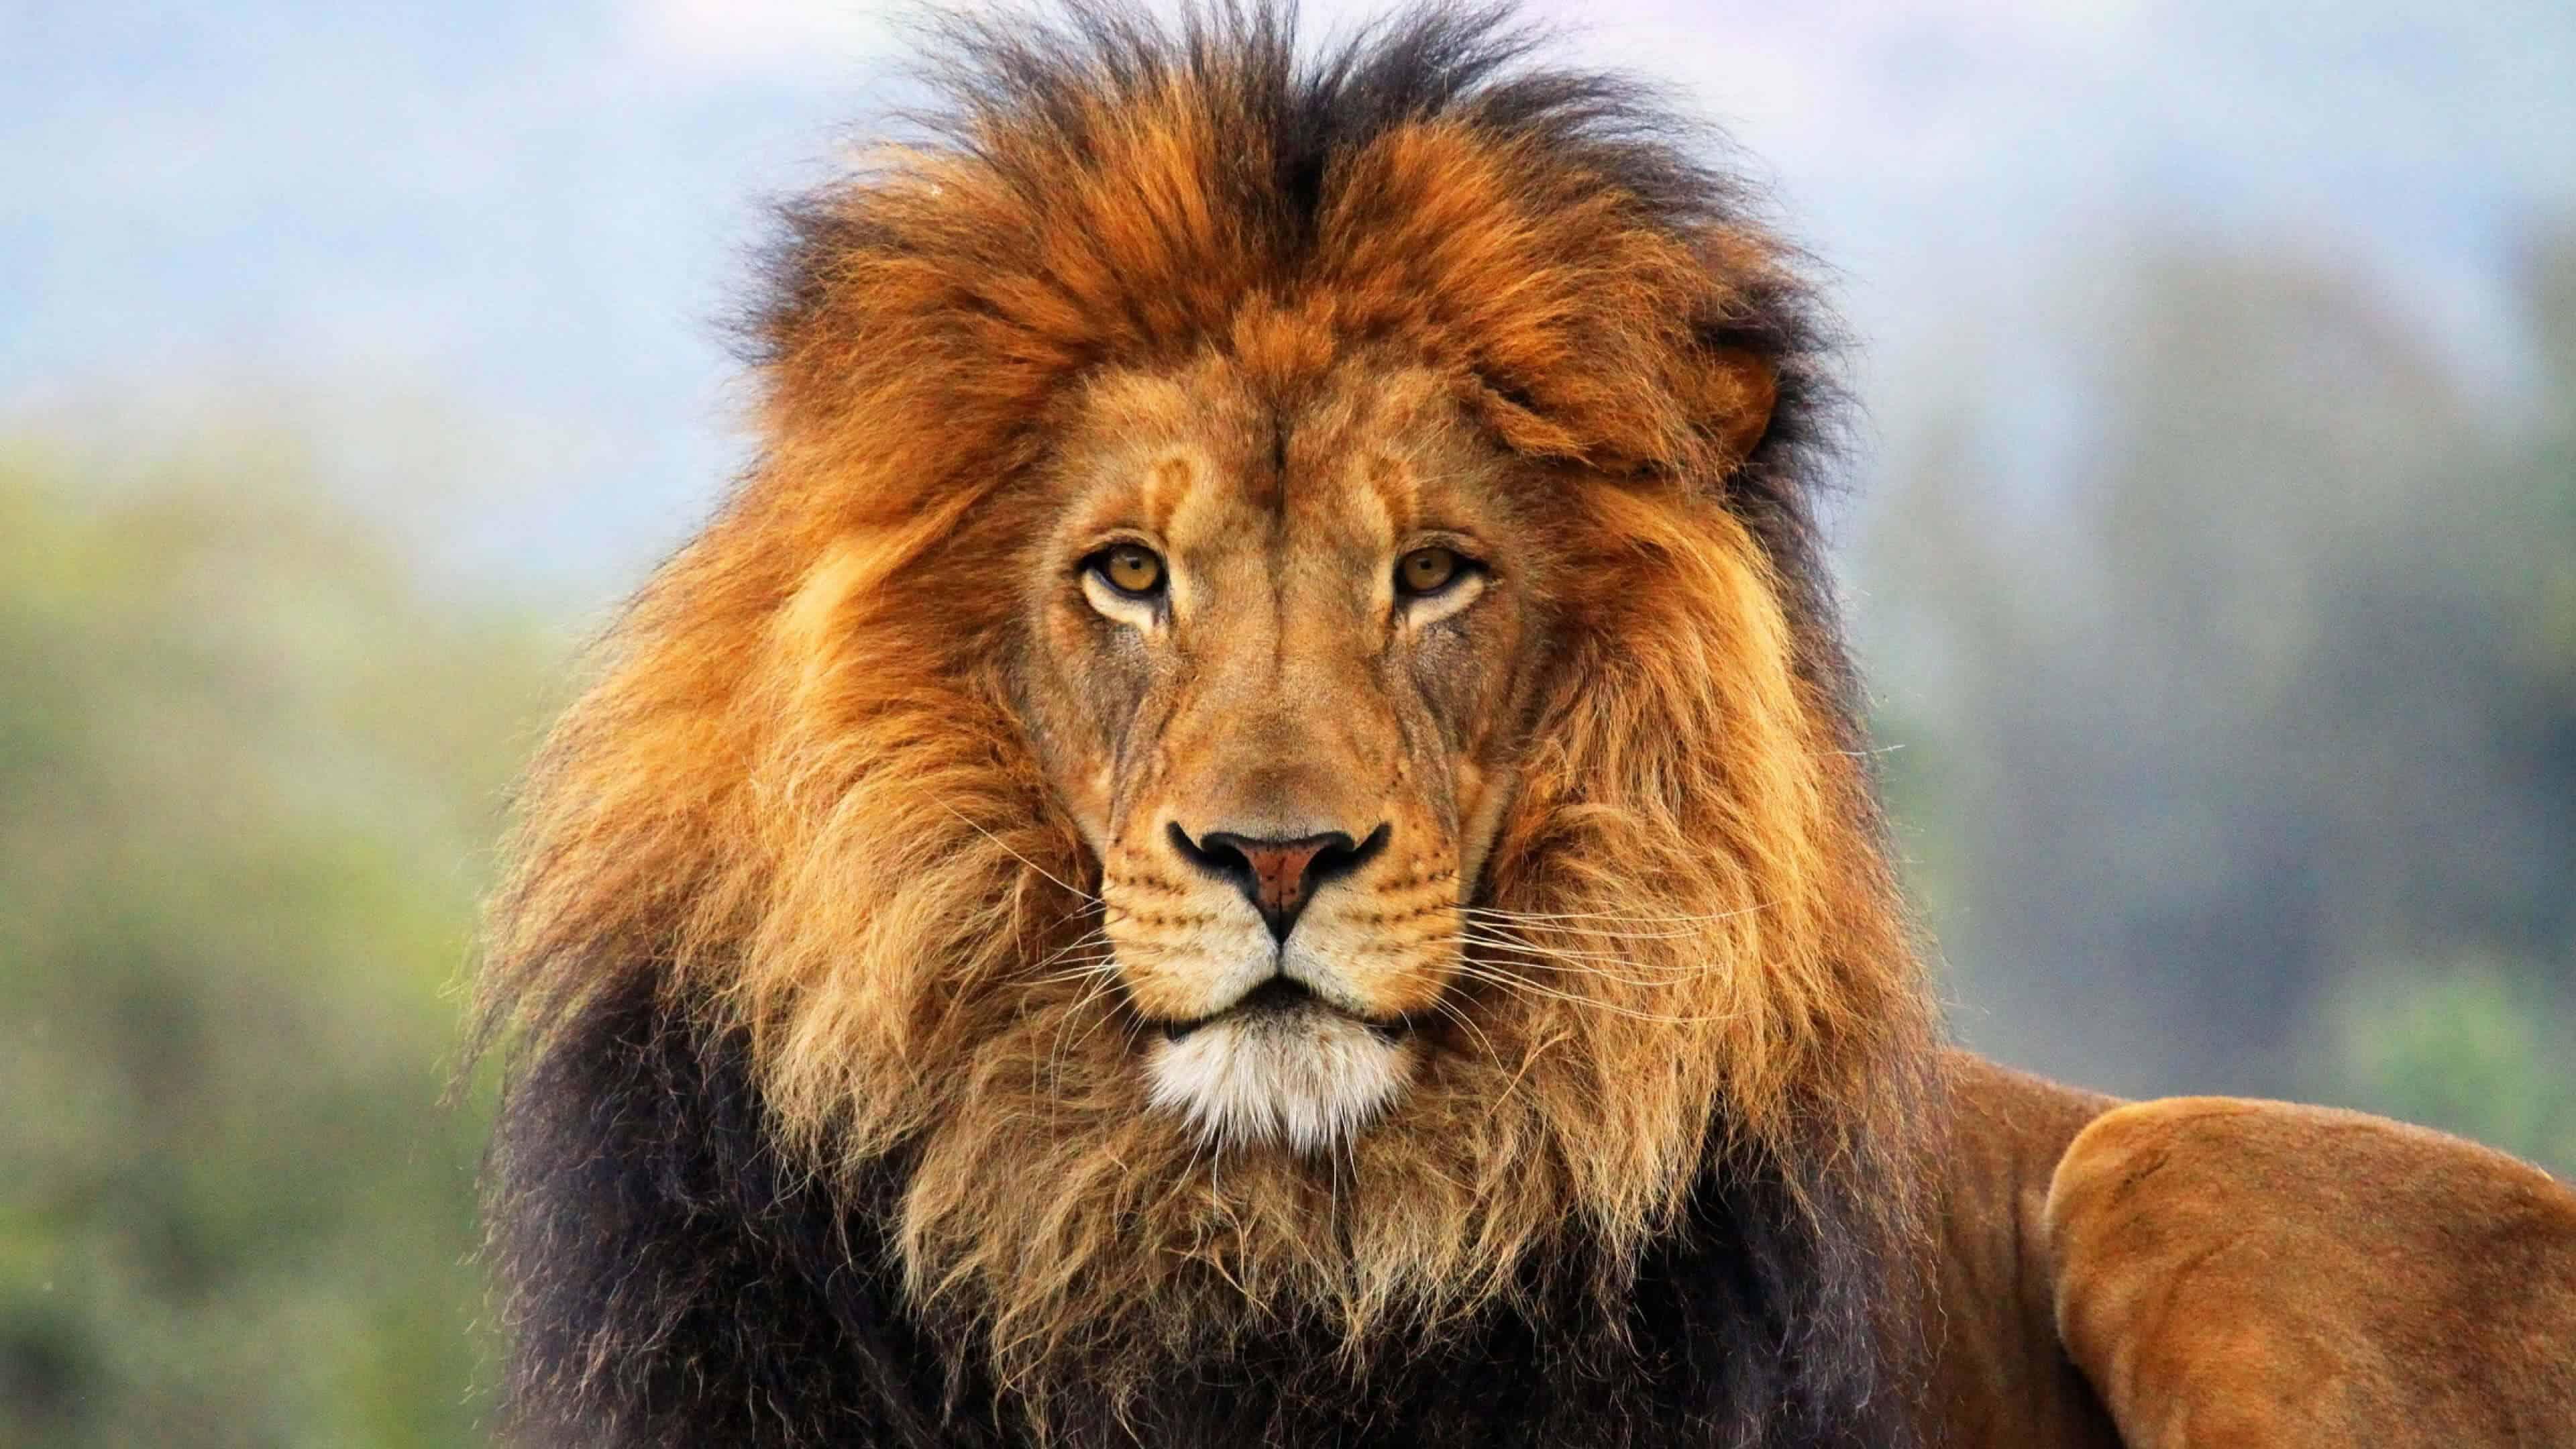 male-lion-big-cat-sanctuary-uhd-4k-wallpaper